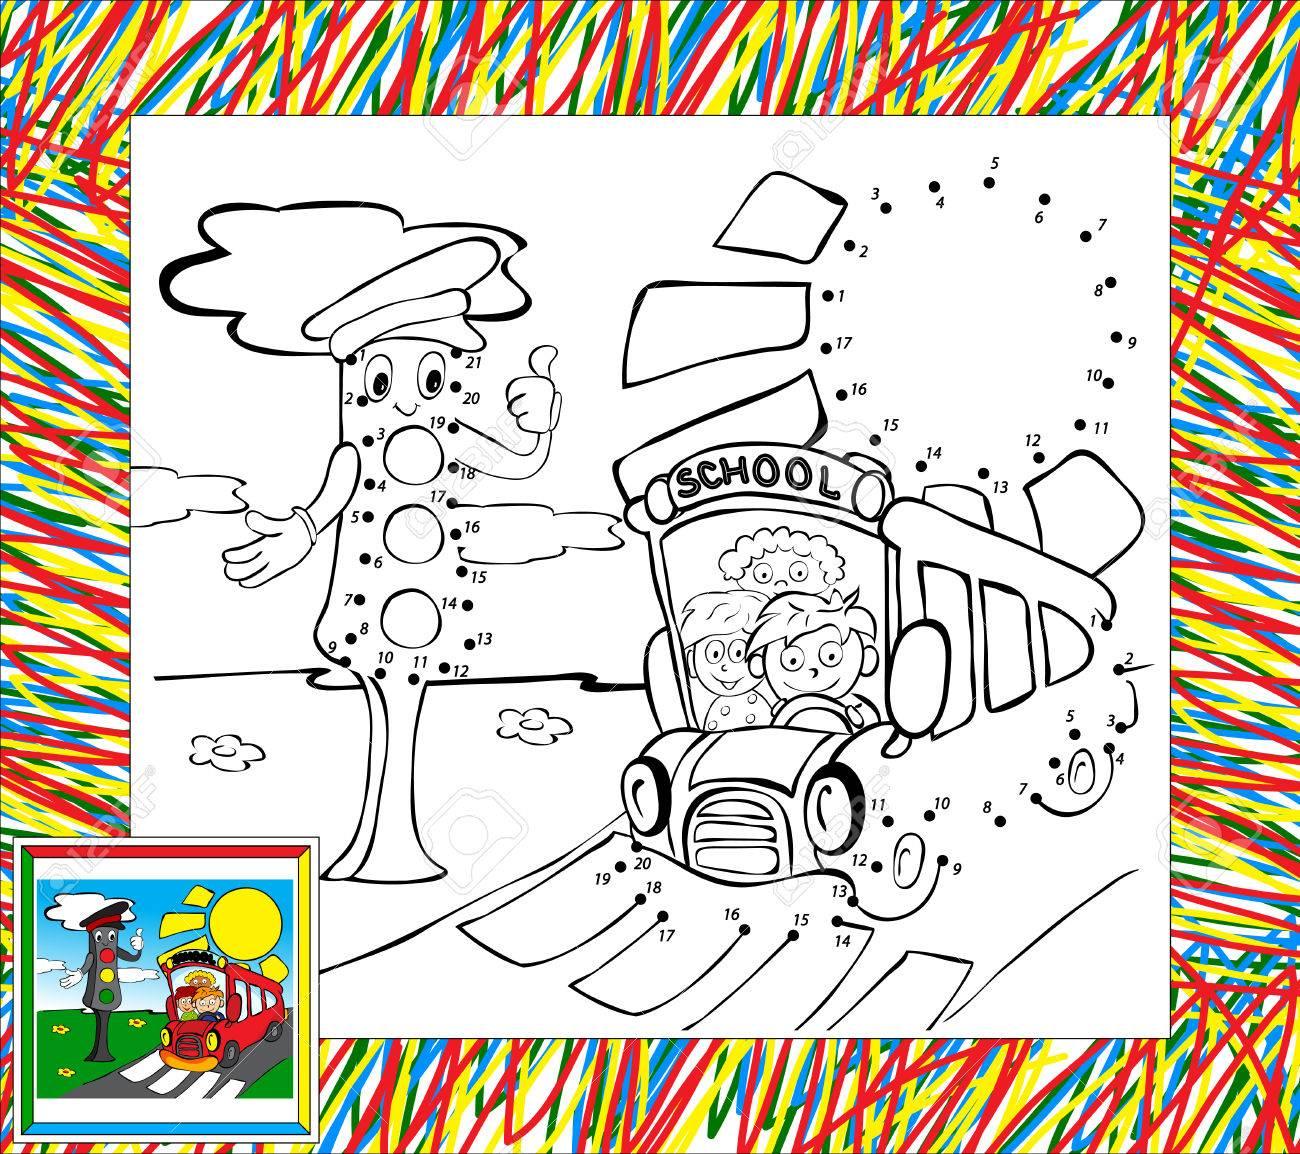 Libro Para Colorear Con La Frontera. Luces Divertidos De Autobuses Y ...